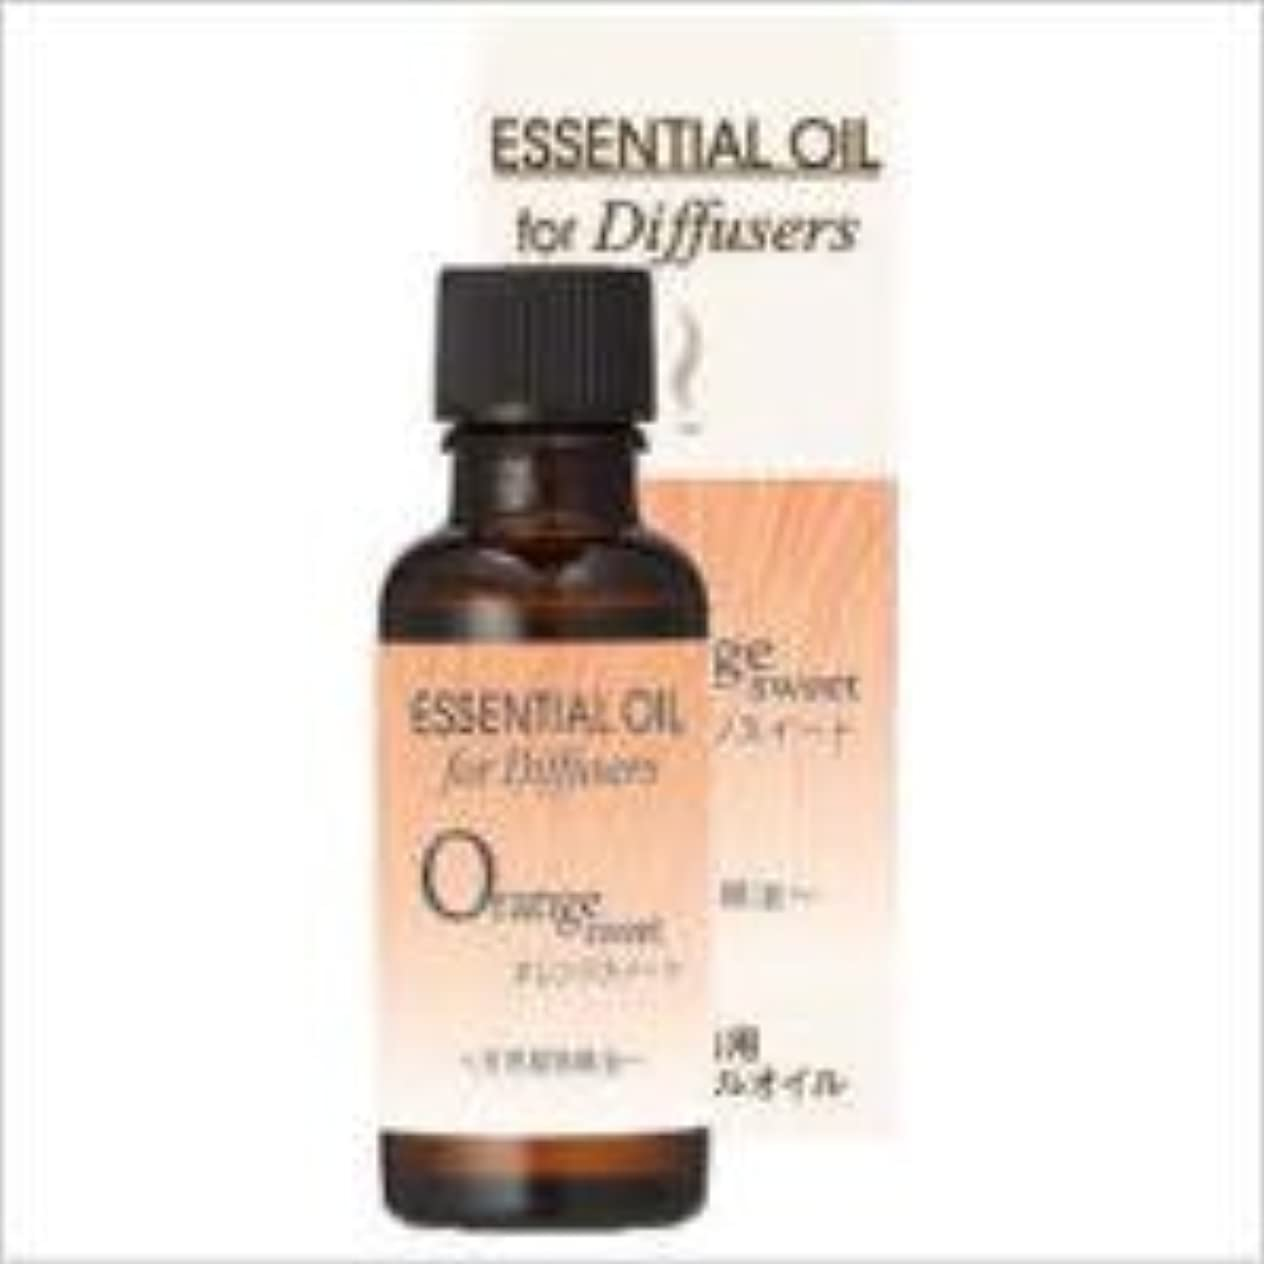 メロディー注ぎます層生活の木 芳香浴用エッセンシャルオイル オレンジスイート[30ml] エッセンシャルオイル/精油